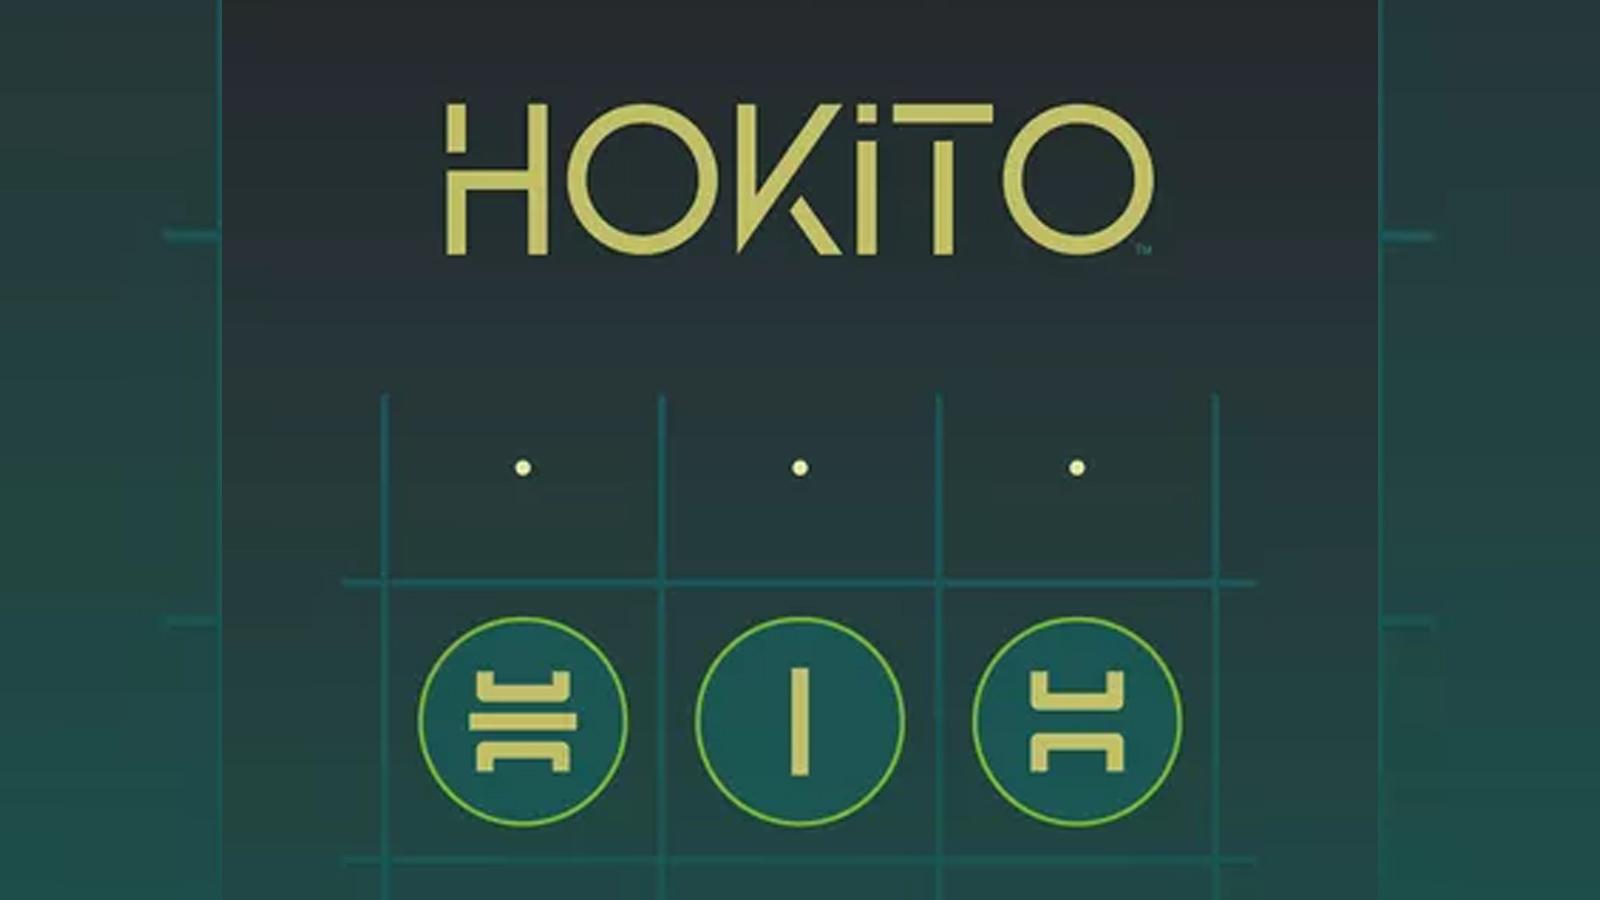 Hokito: feroce eleganza astratta.